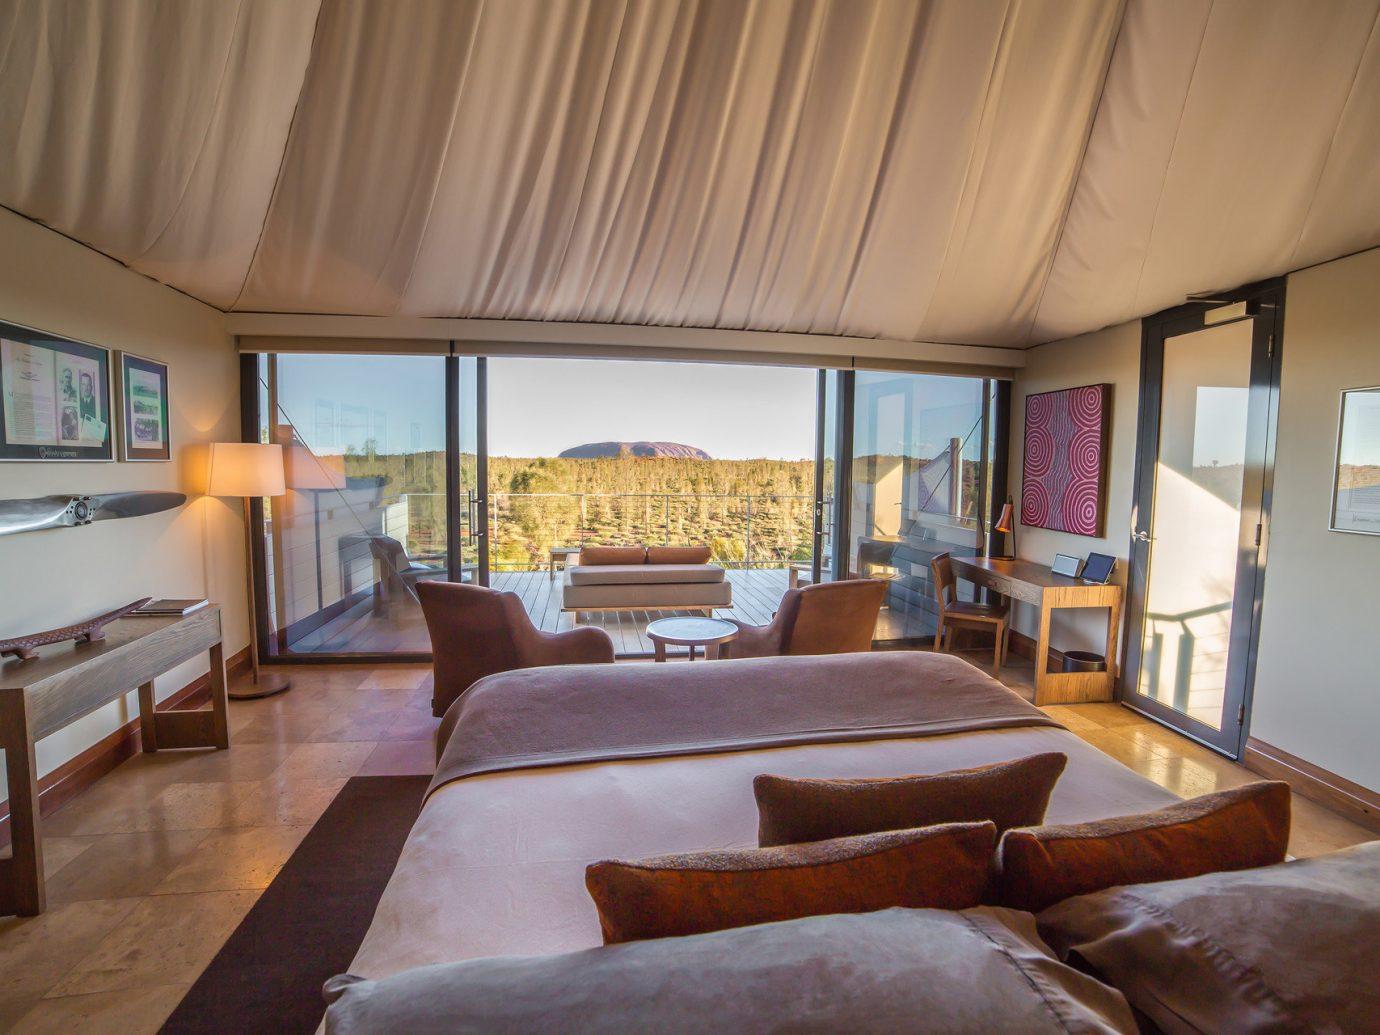 Hotels indoor room floor sofa Living property ceiling estate real estate vehicle home Resort interior design living room cottage Suite Villa apartment furniture